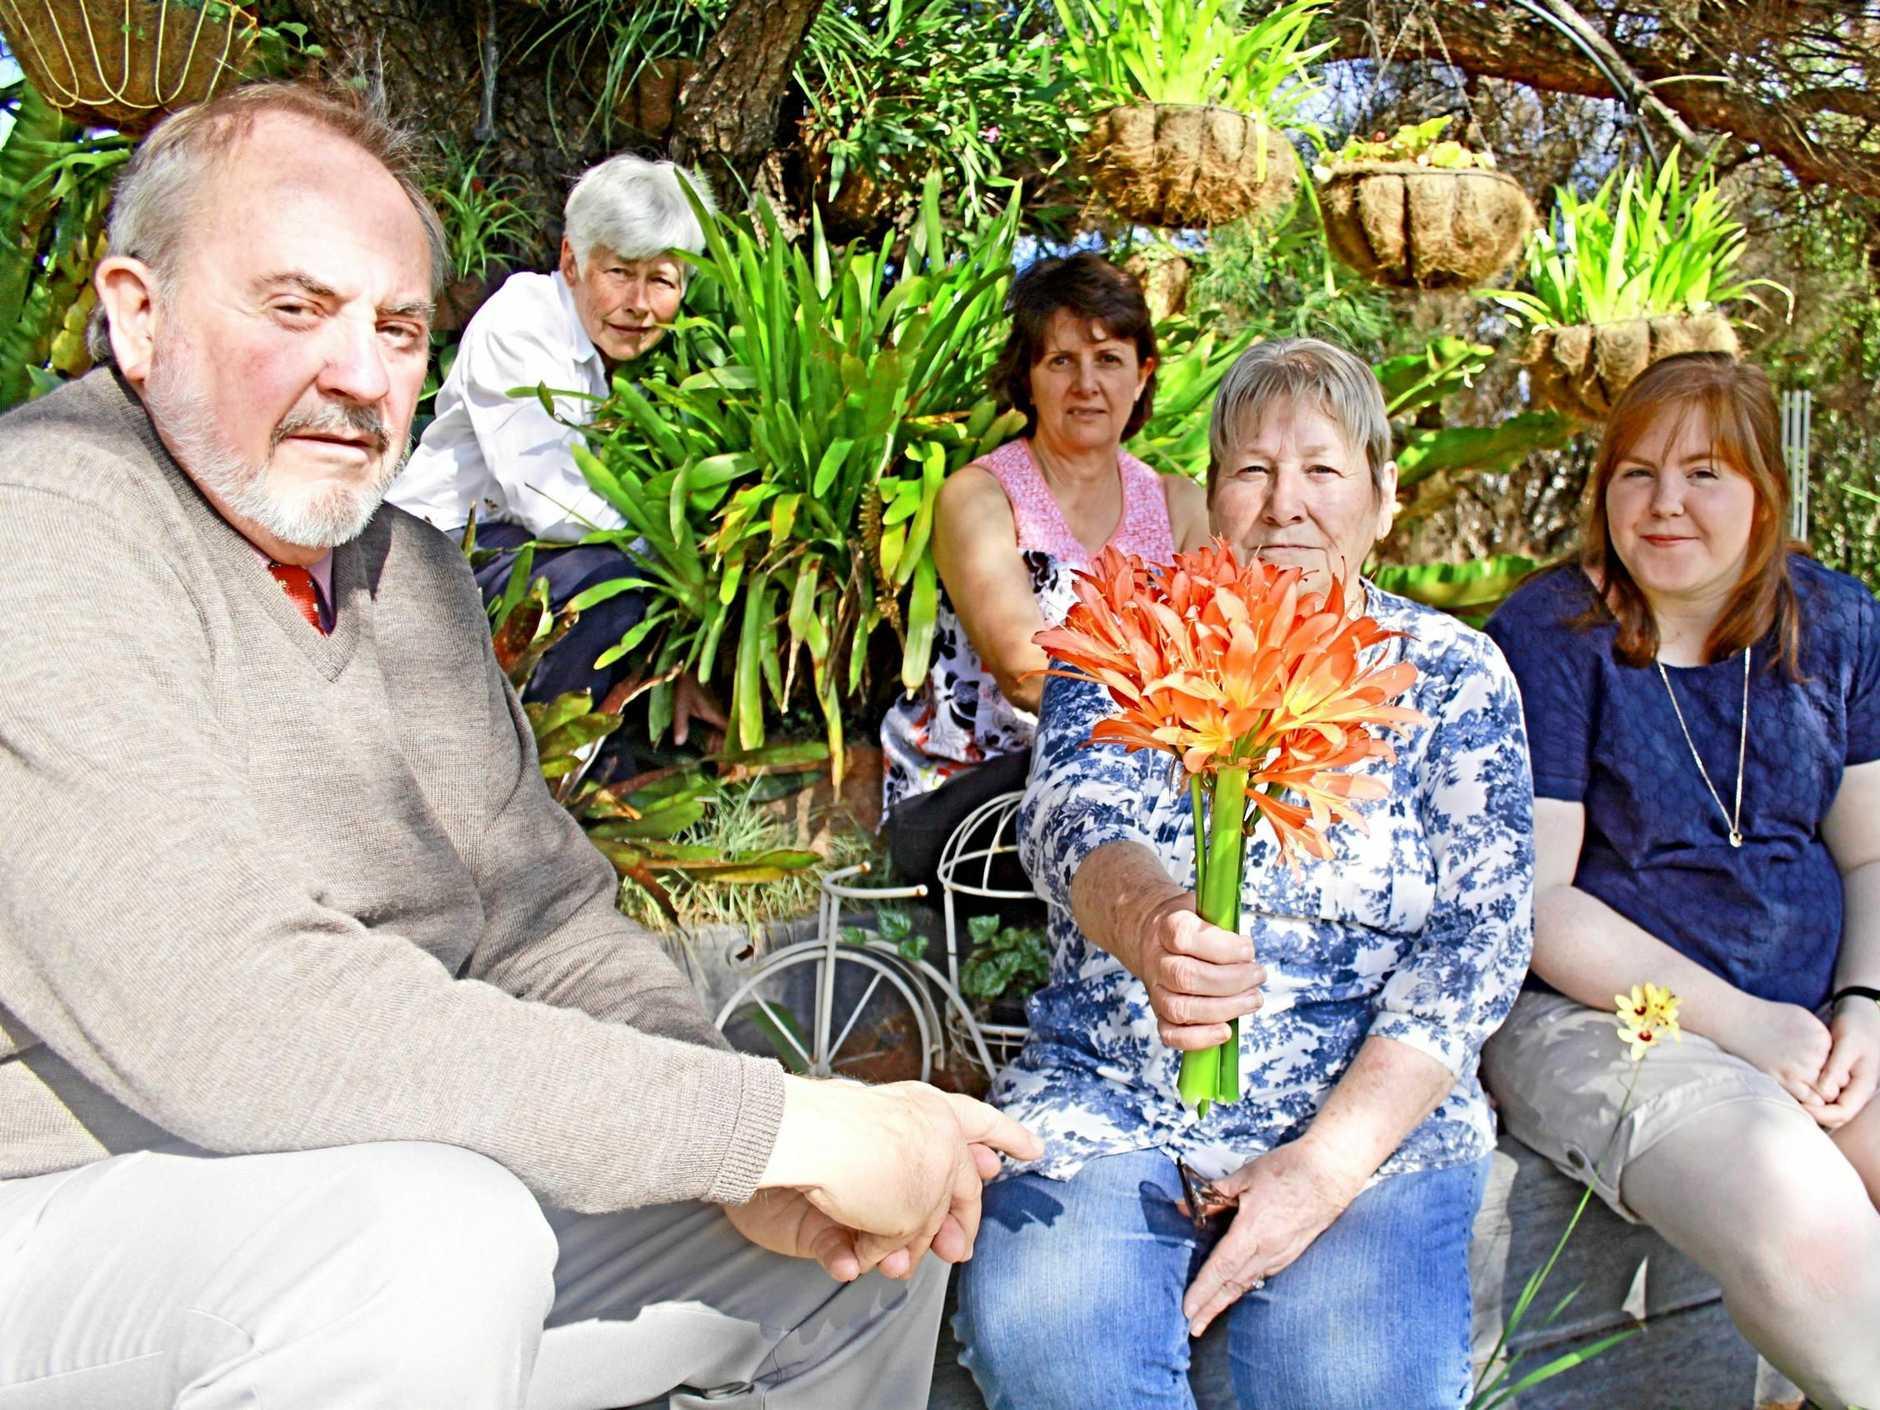 Ian Jackson, Roberta Smith, Fay Rickard, Gina Marino and Elspeth Jackson talk Gardenfest ahead of the plant extravaganza's opening tomorrow.